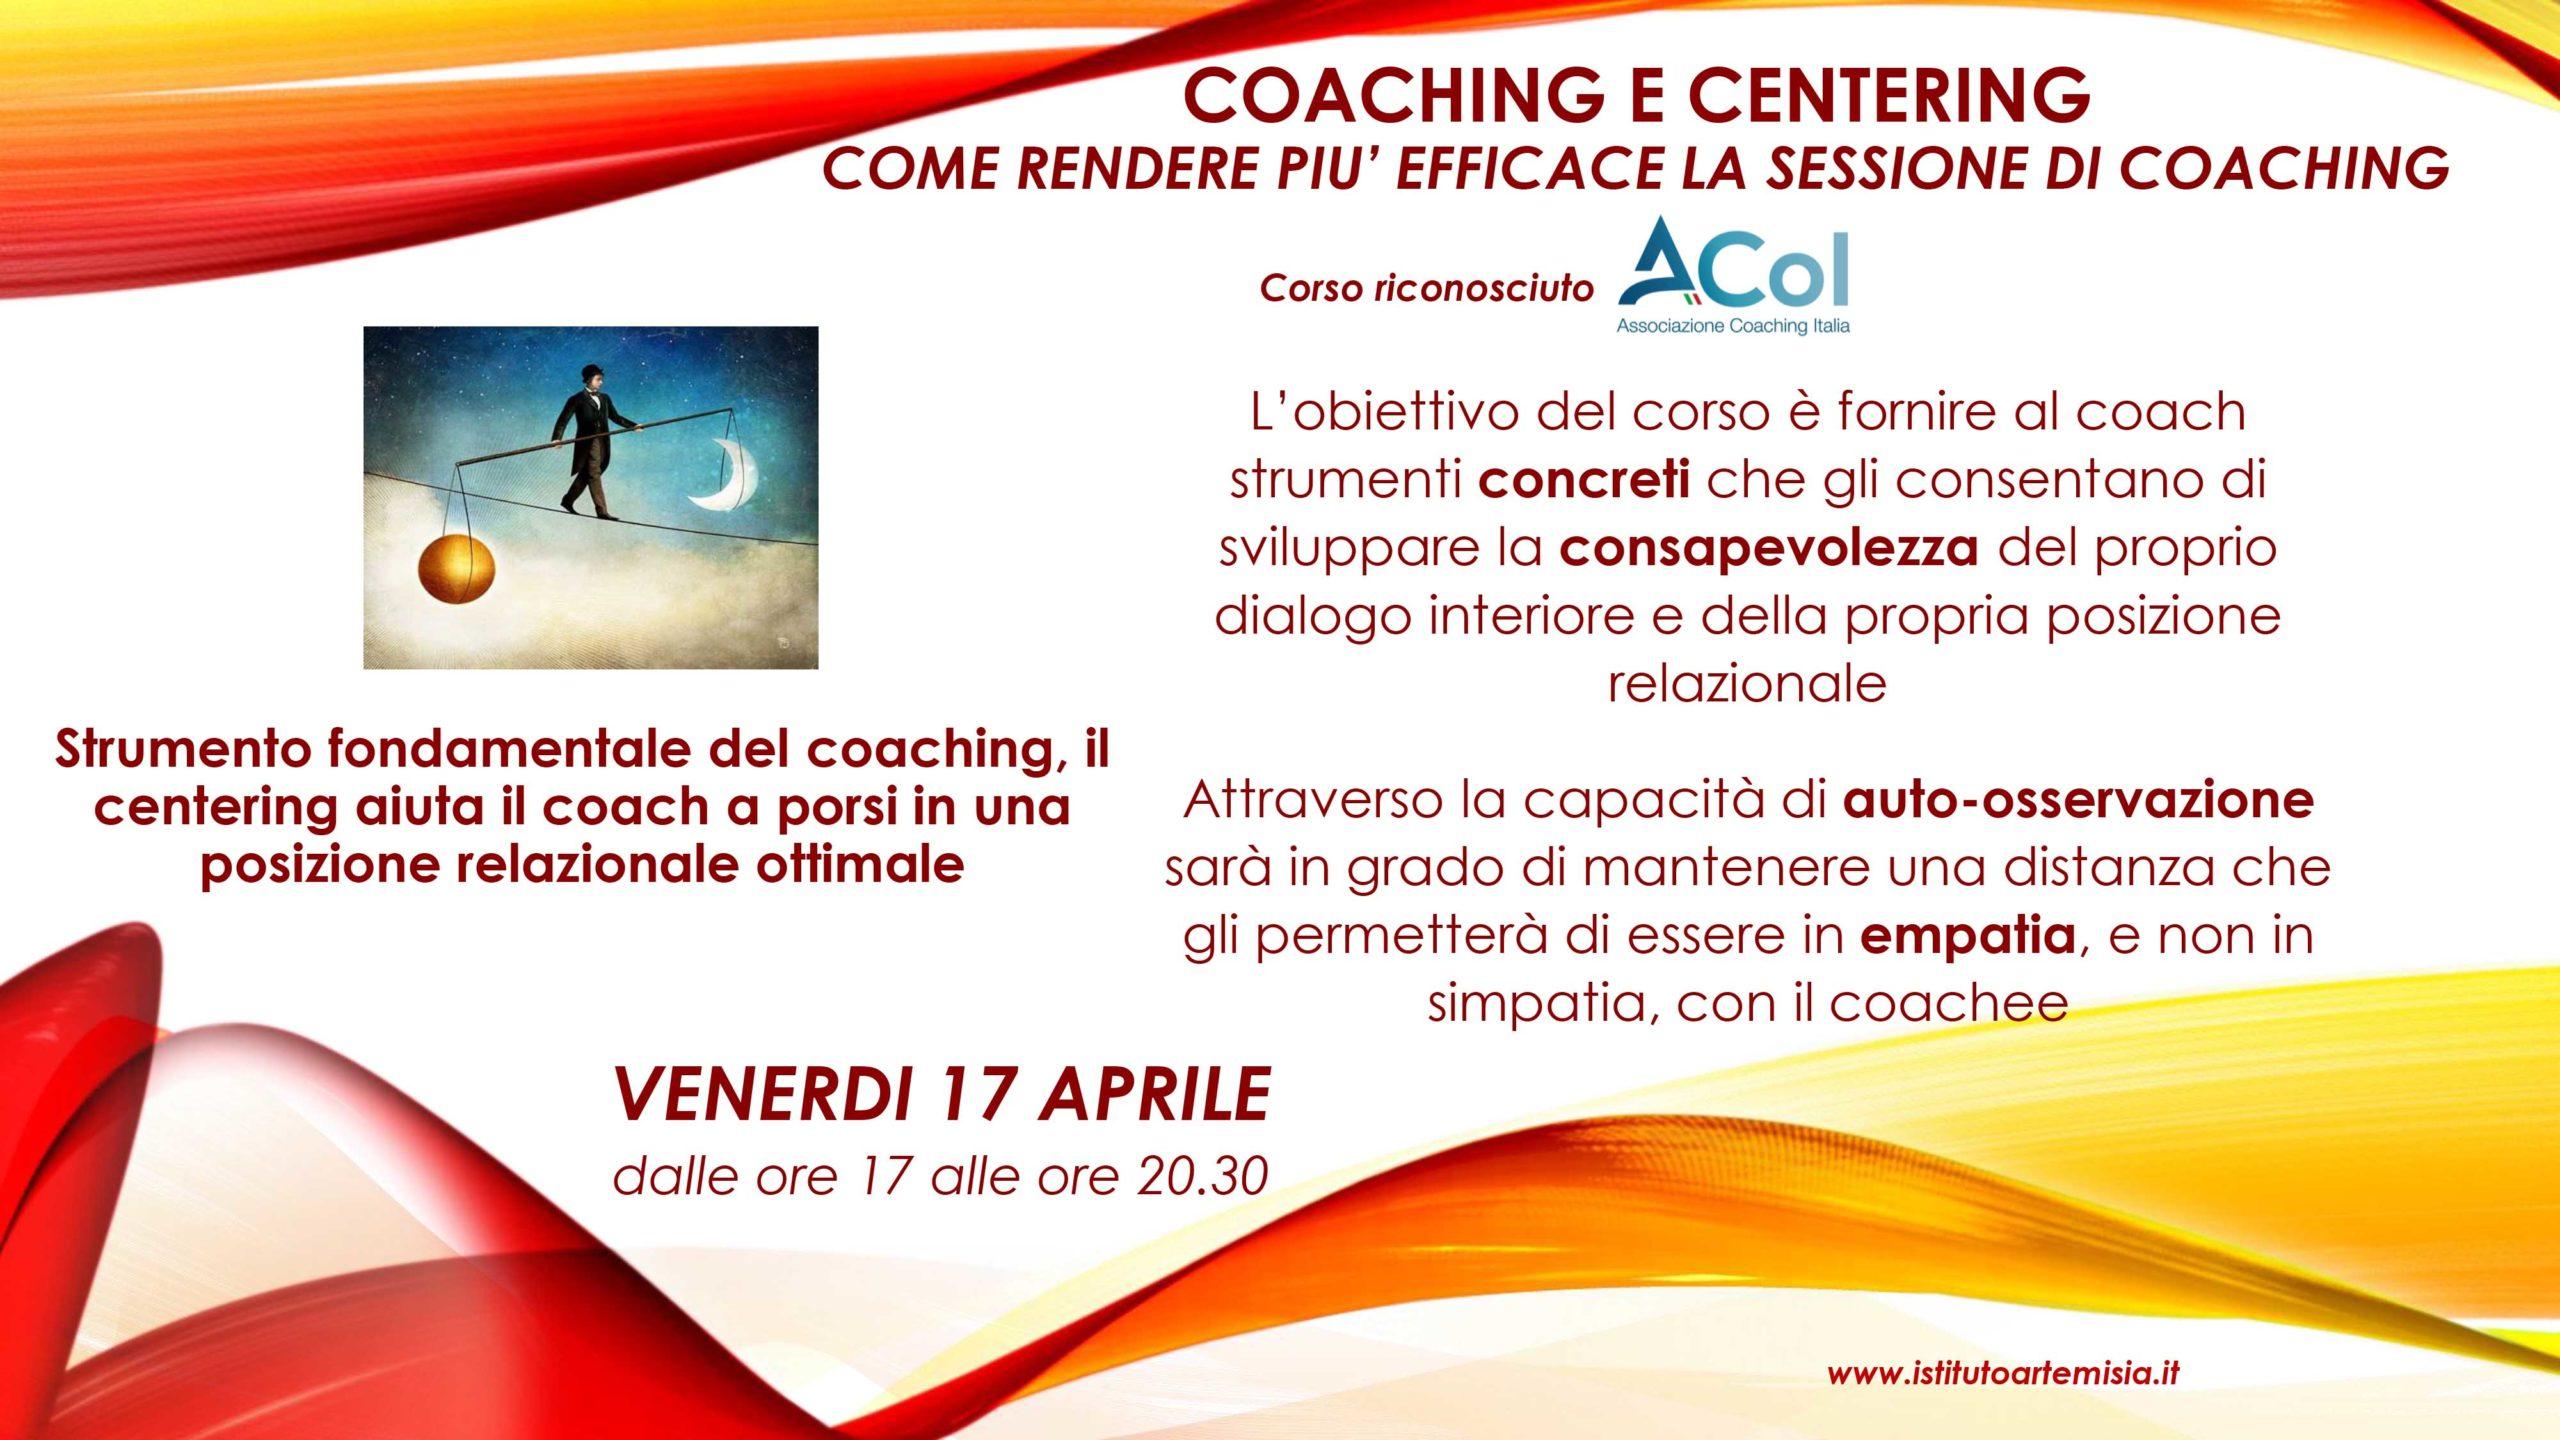 Coaching e centering - come rendere più efficace la sessione di coaching